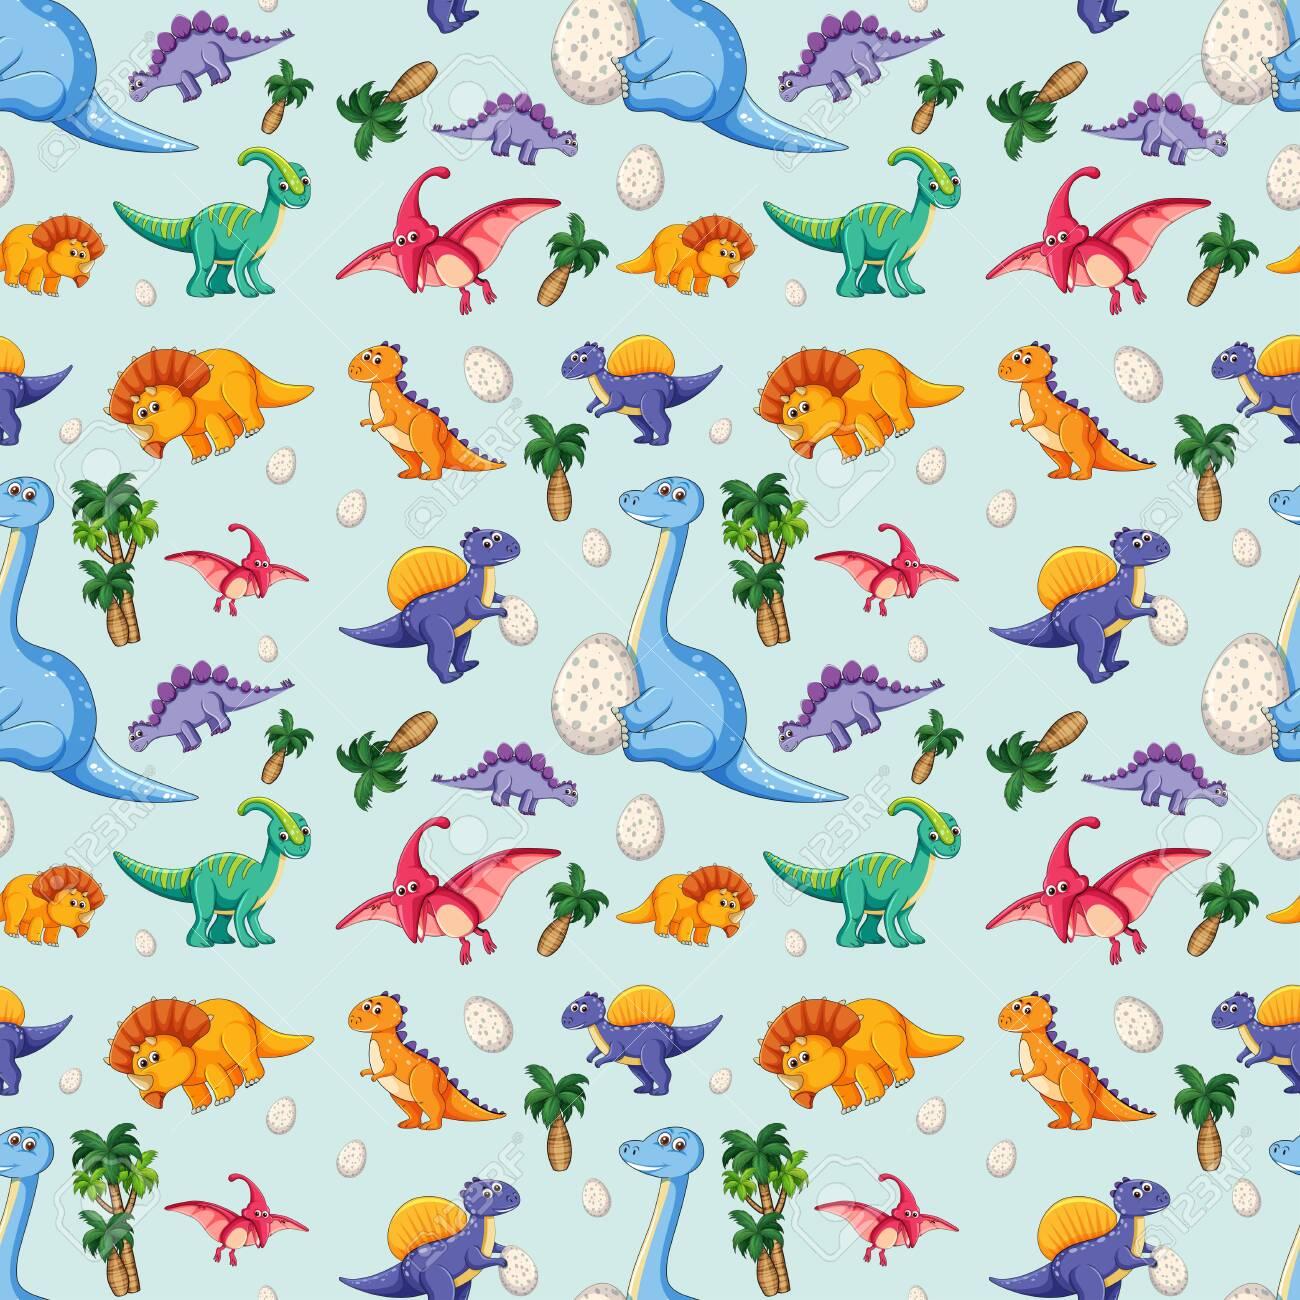 Dinosaur on seamless pattern illustration - 121751075